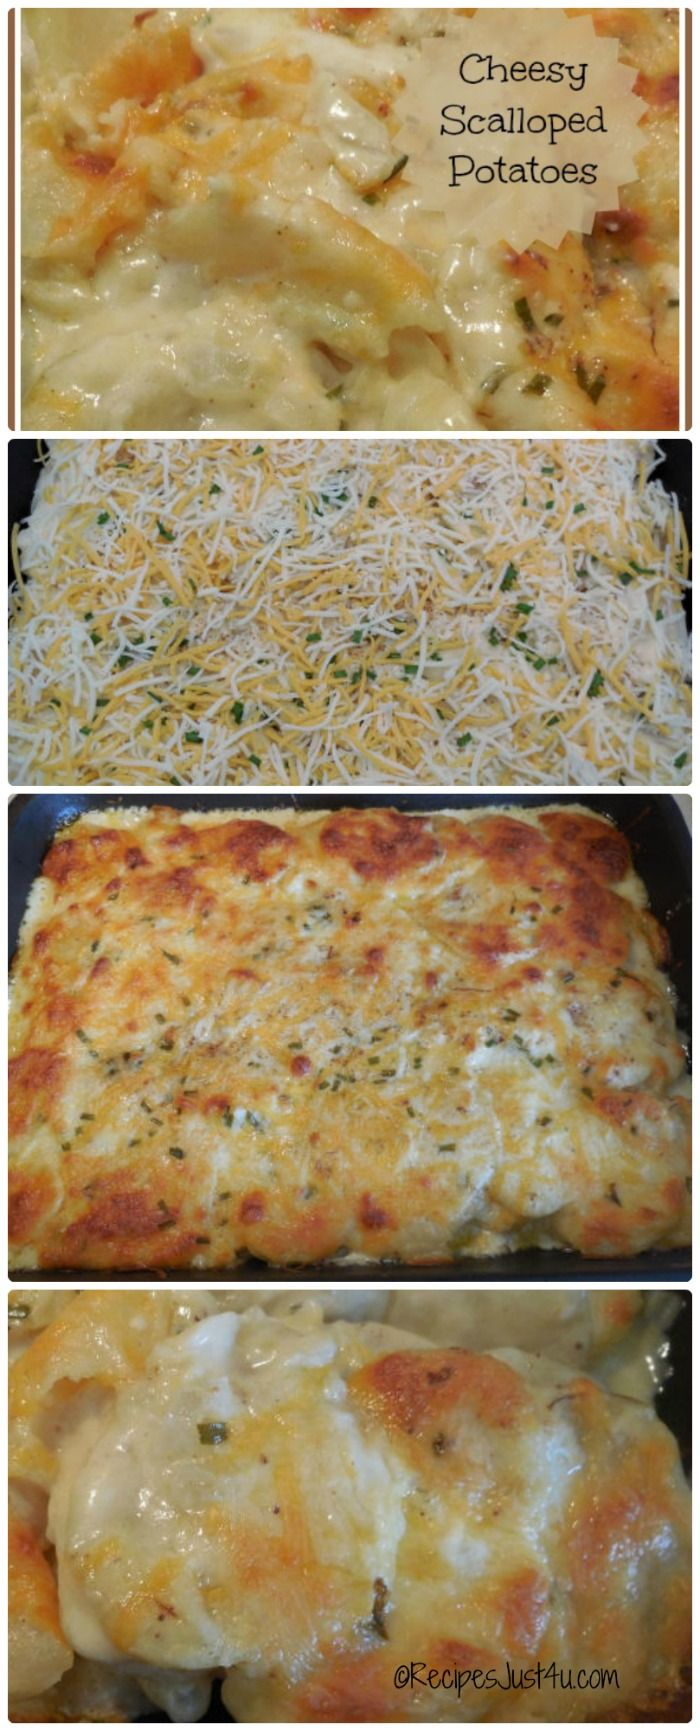 Easy recipes for cheesy scalloped potatoes